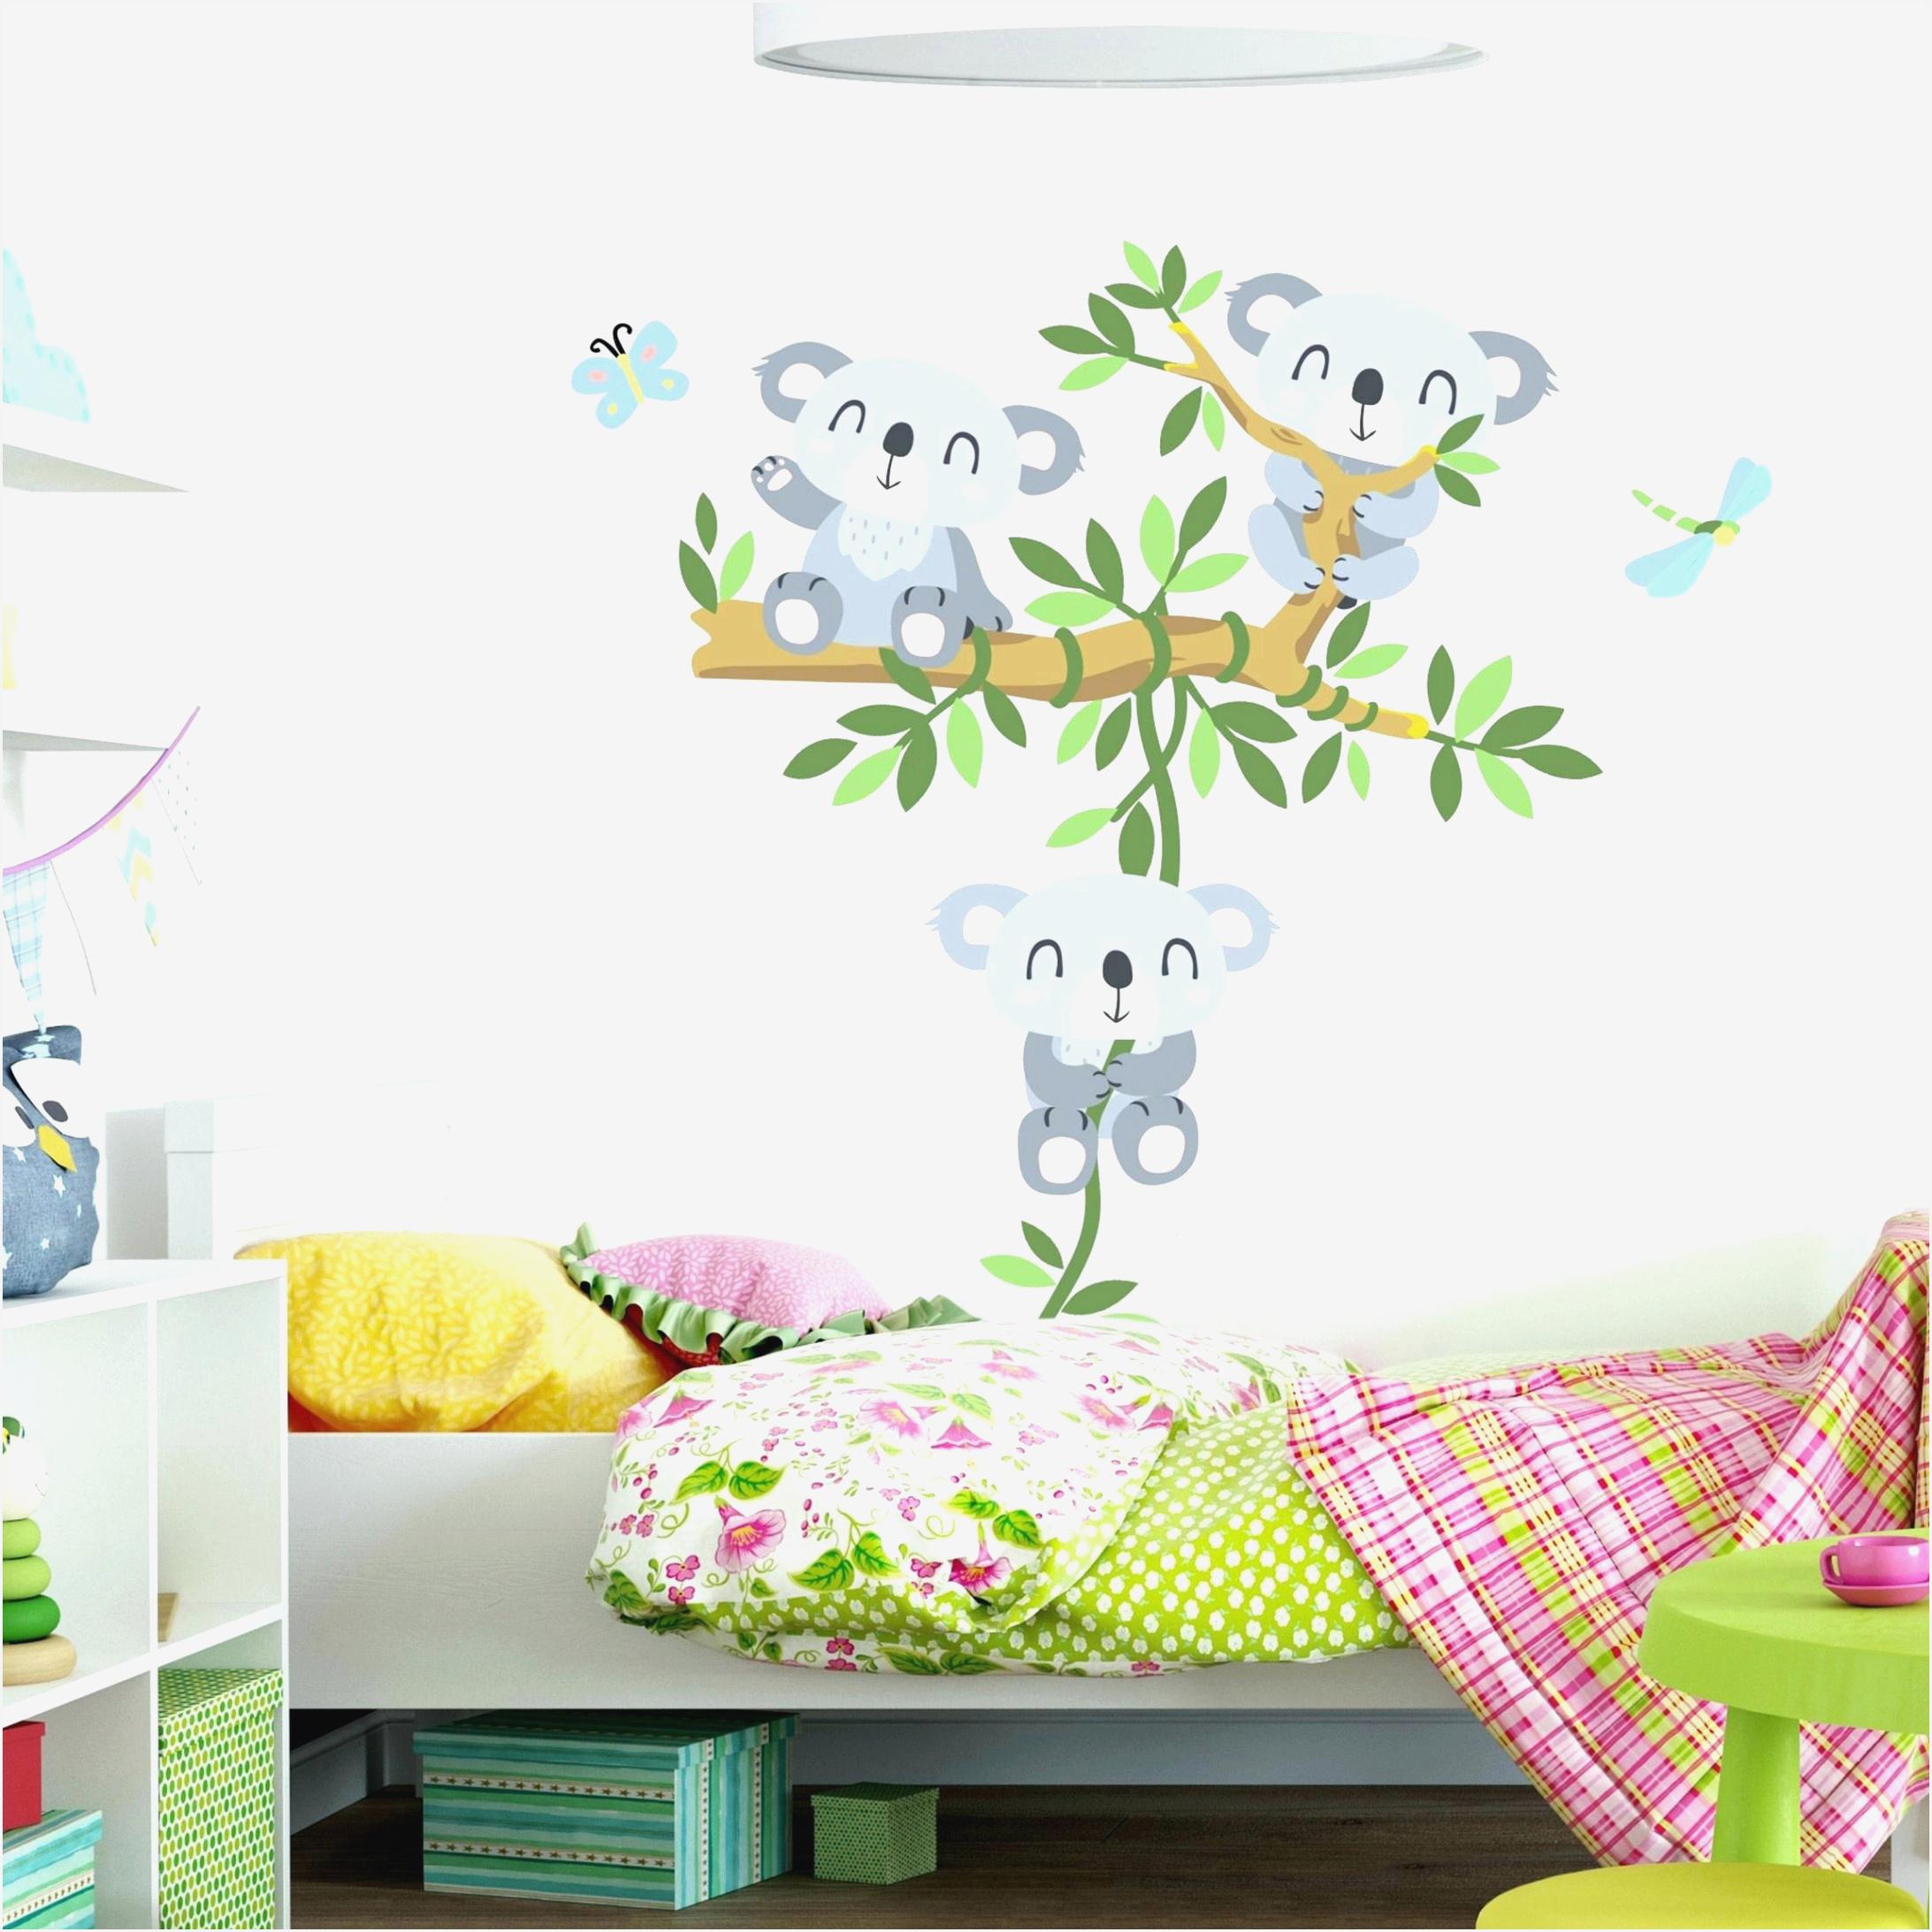 Full Size of Wandbild Kinderzimmer Baum Elefant Traumhaus Wohnzimmer Wandbilder Regal Weiß Regale Sofa Schlafzimmer Kinderzimmer Wandbild Kinderzimmer